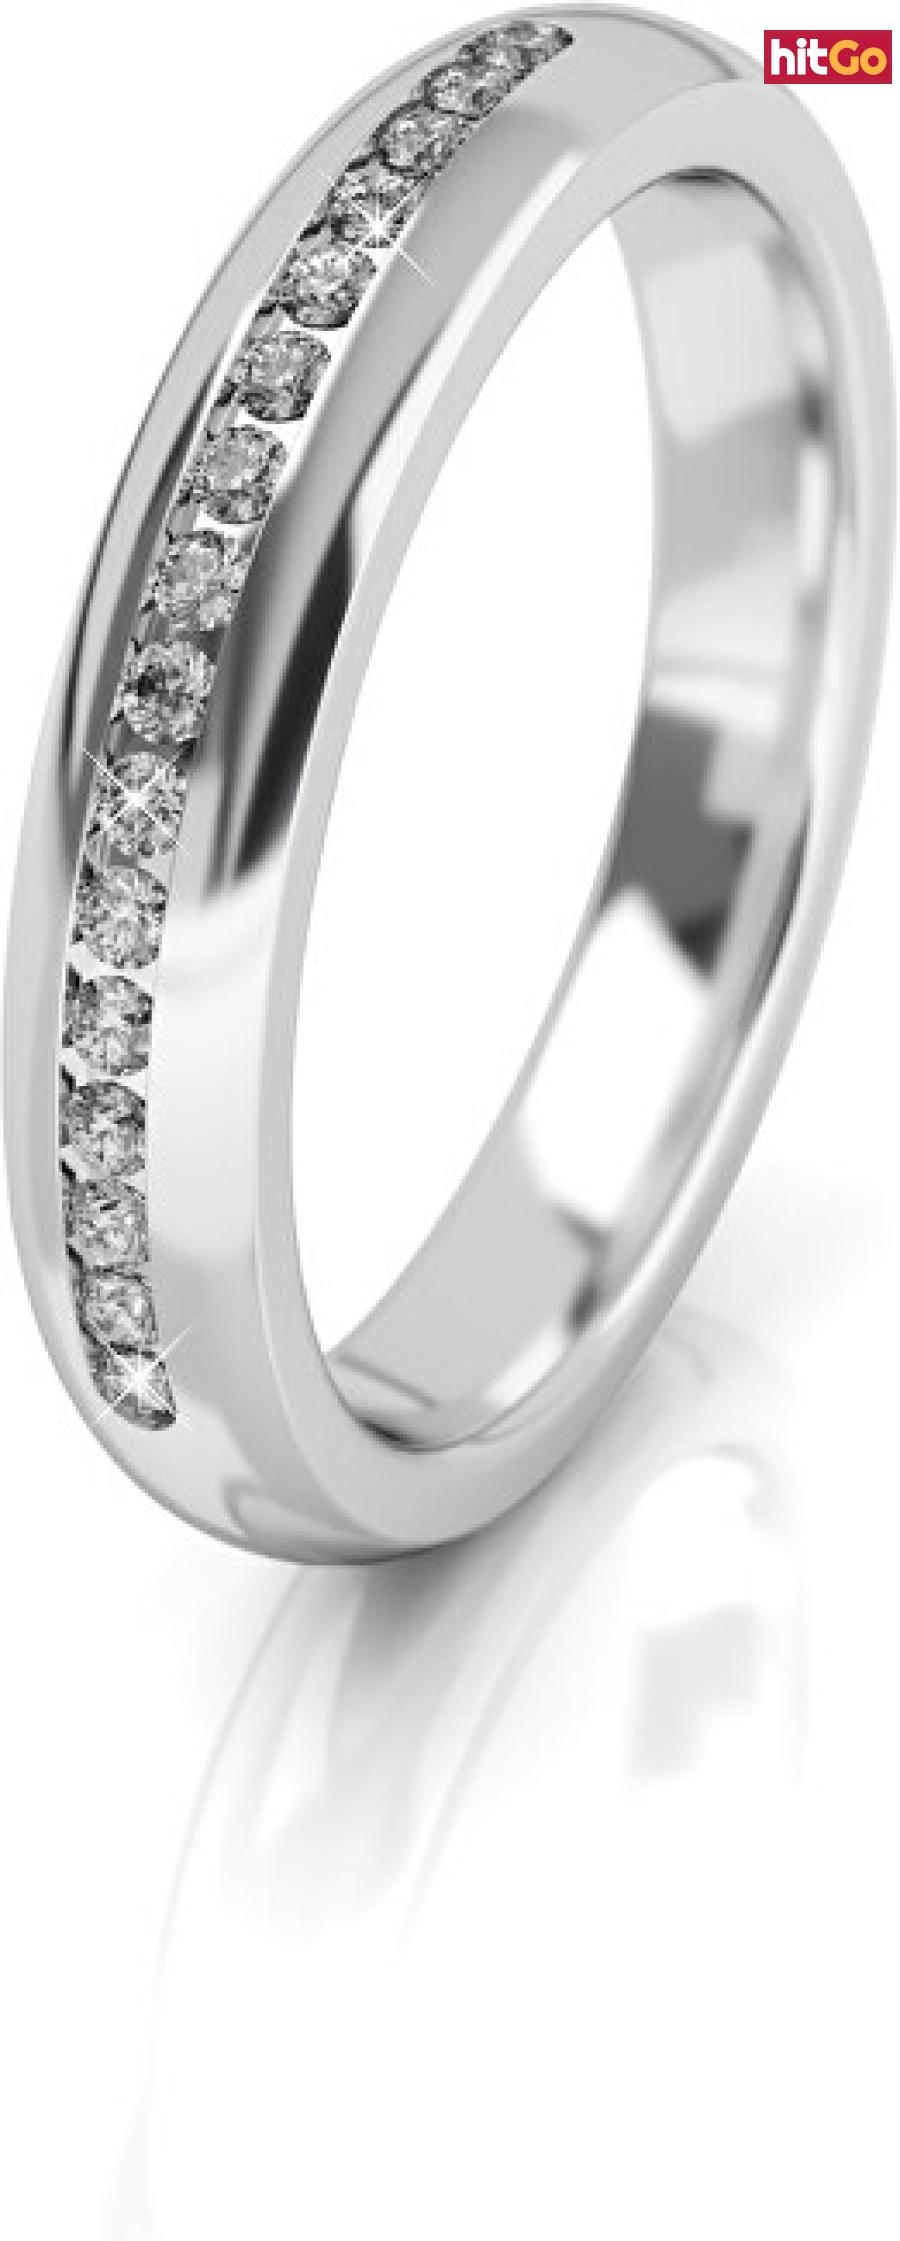 Art Diamond Dámský snubní prsten z bílého zlata se zirkony AUG277 54 mm dámské